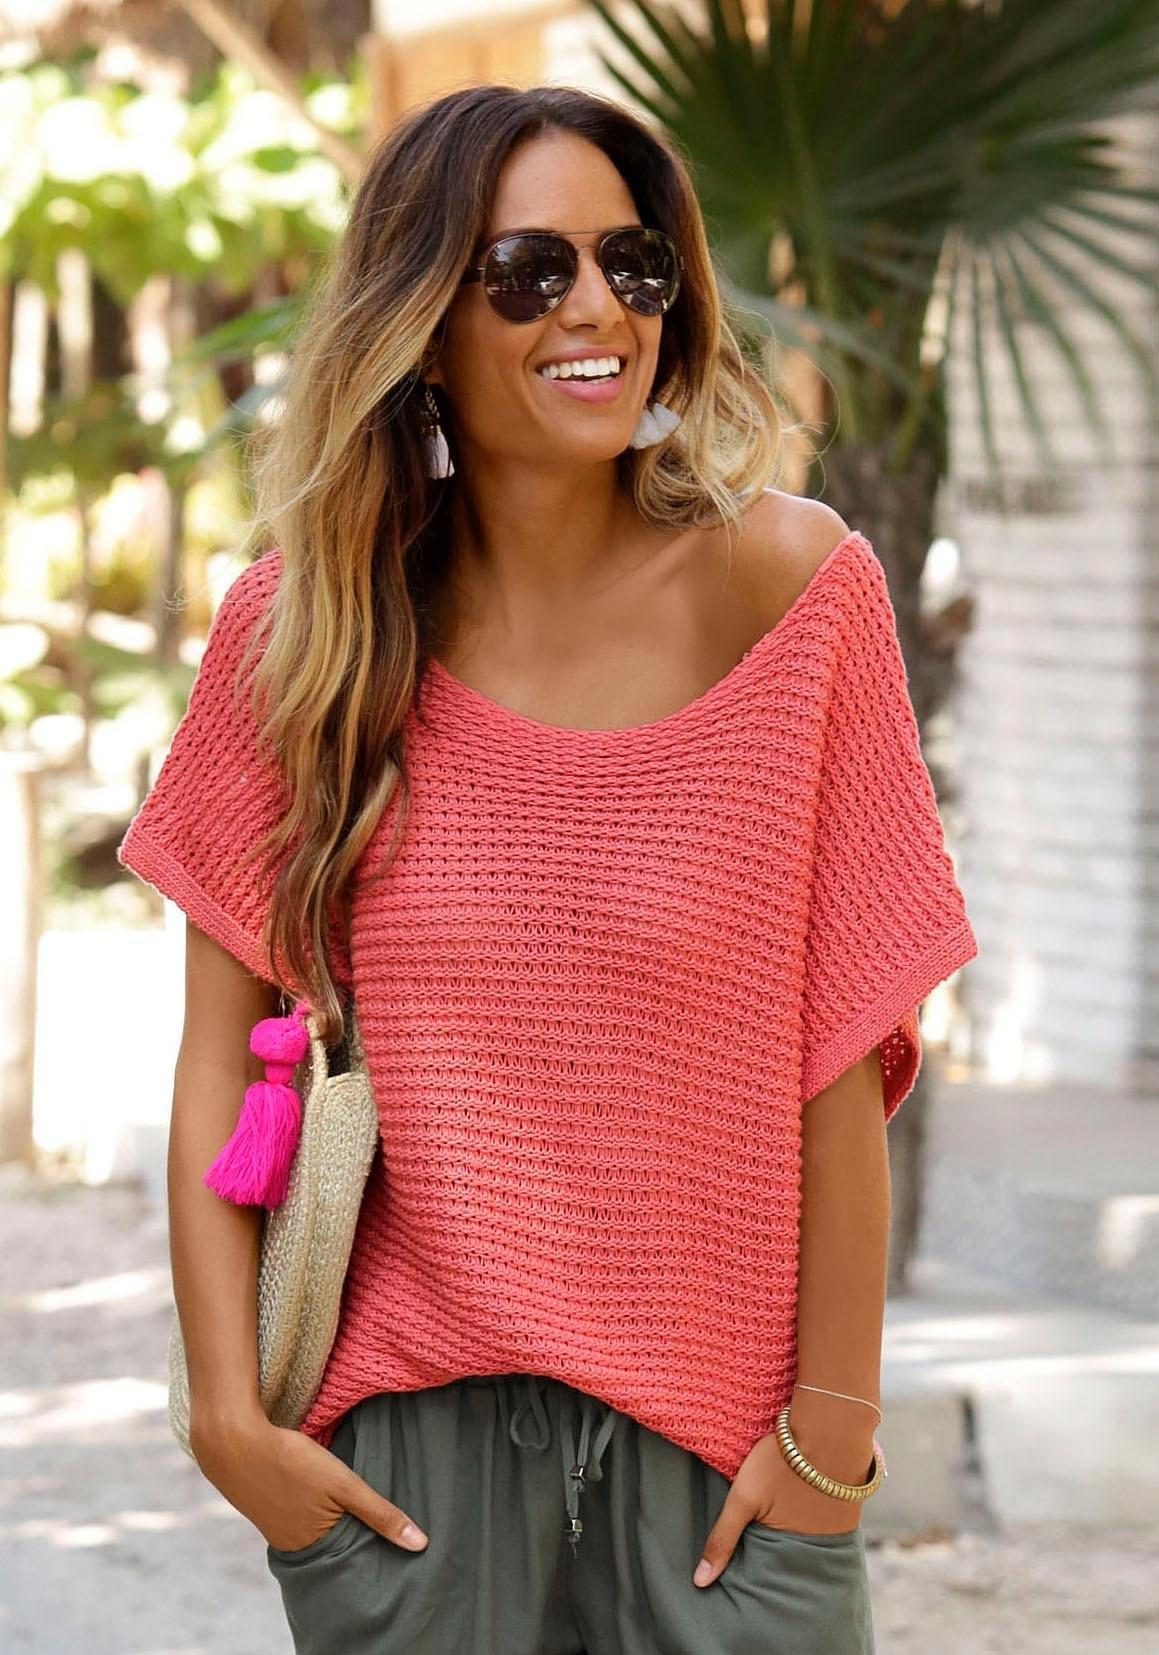 Lascana trui met korte mouwen in luchtig ajourbreisel bij Lascana online kopen